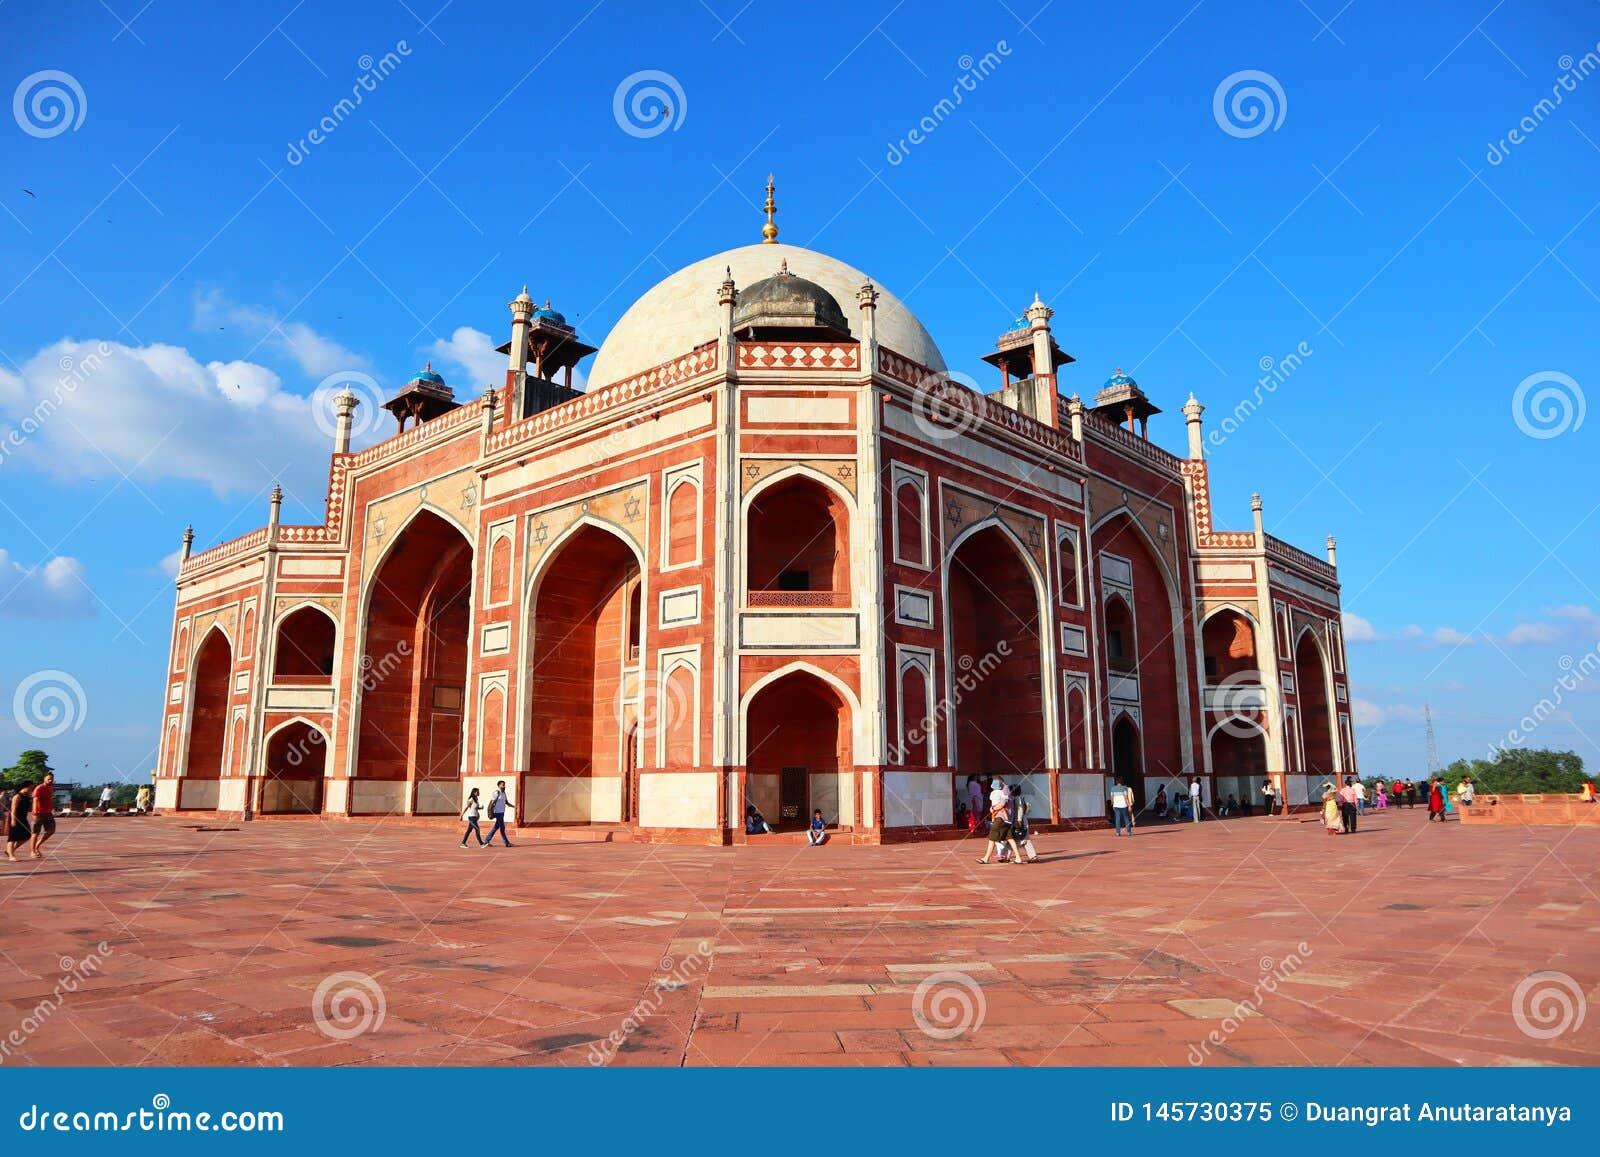 Великолепие усыпальницы исторического Humayun памятника на Нью-Дели - изображение